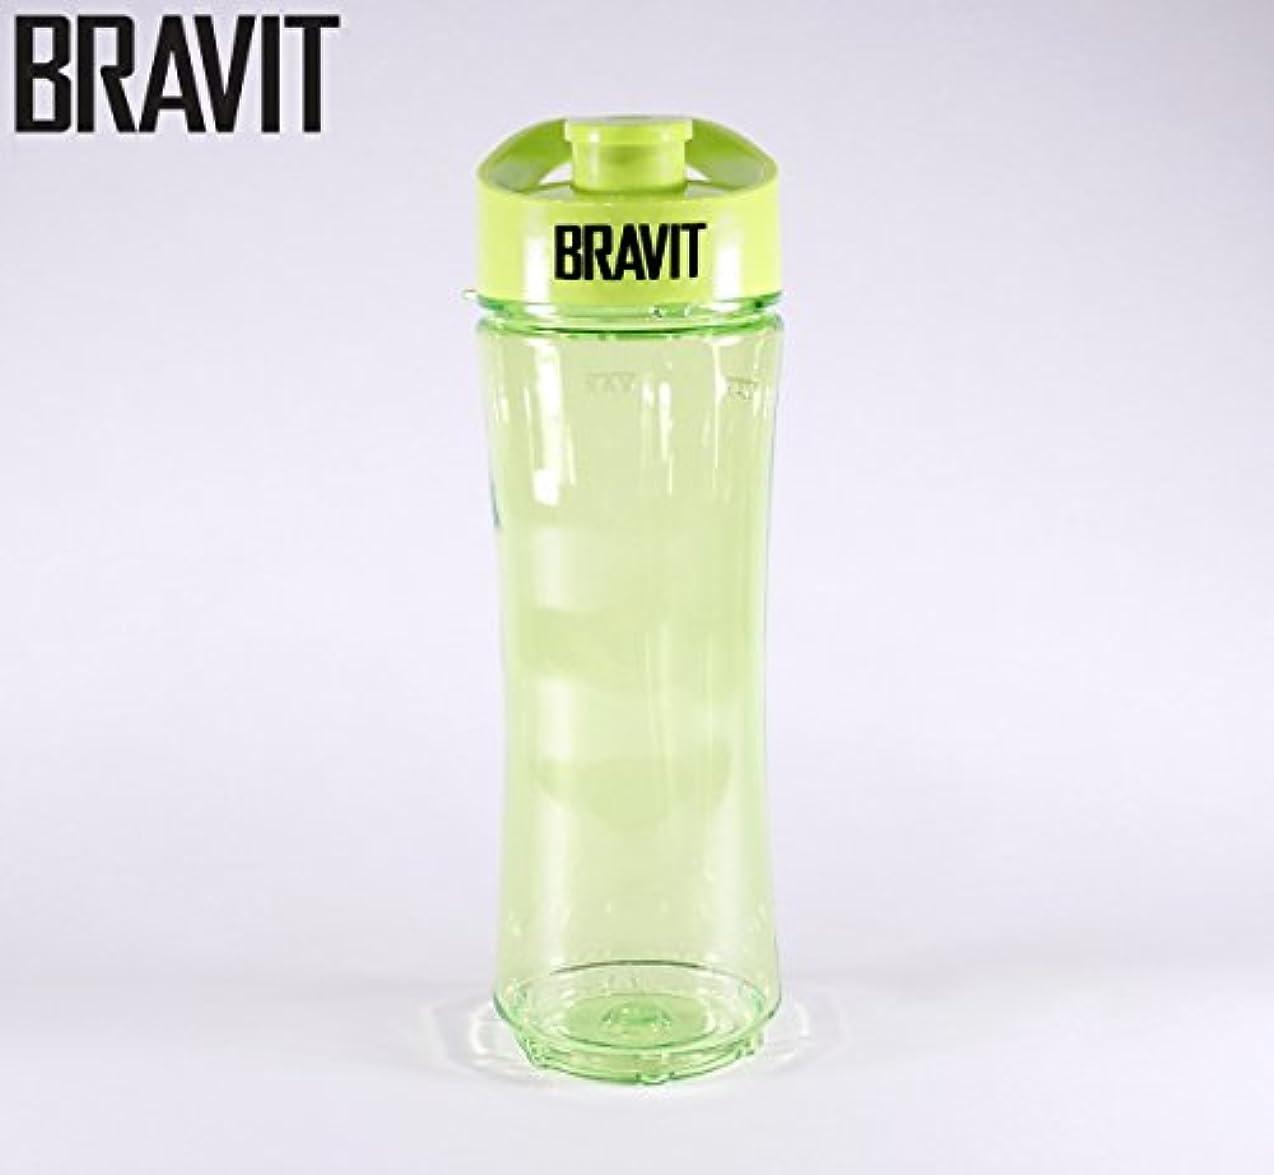 ピジン広大な人質BRAVIT Personal Sports Bottle, Smoothie, Shake Maker with Travel Lead for BRAVIT Personal Sports Blender by BRAVIT